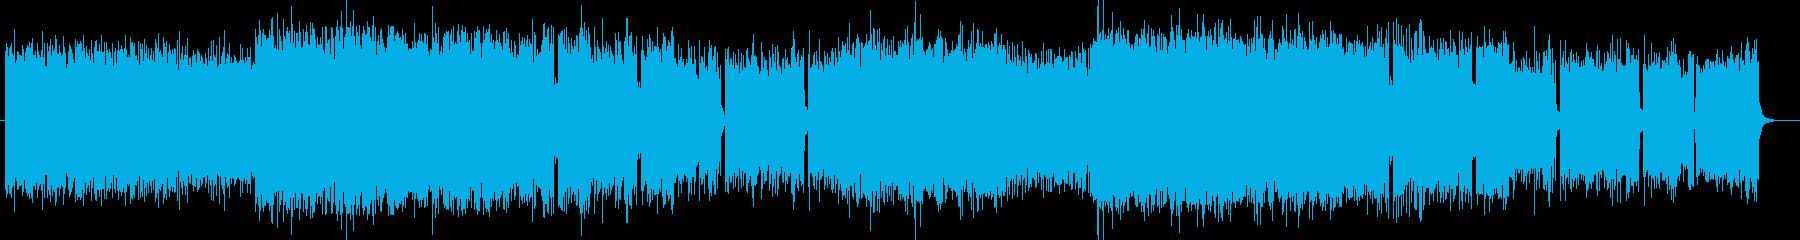 重低音ぎみのHEAVYROCK系の作曲の再生済みの波形